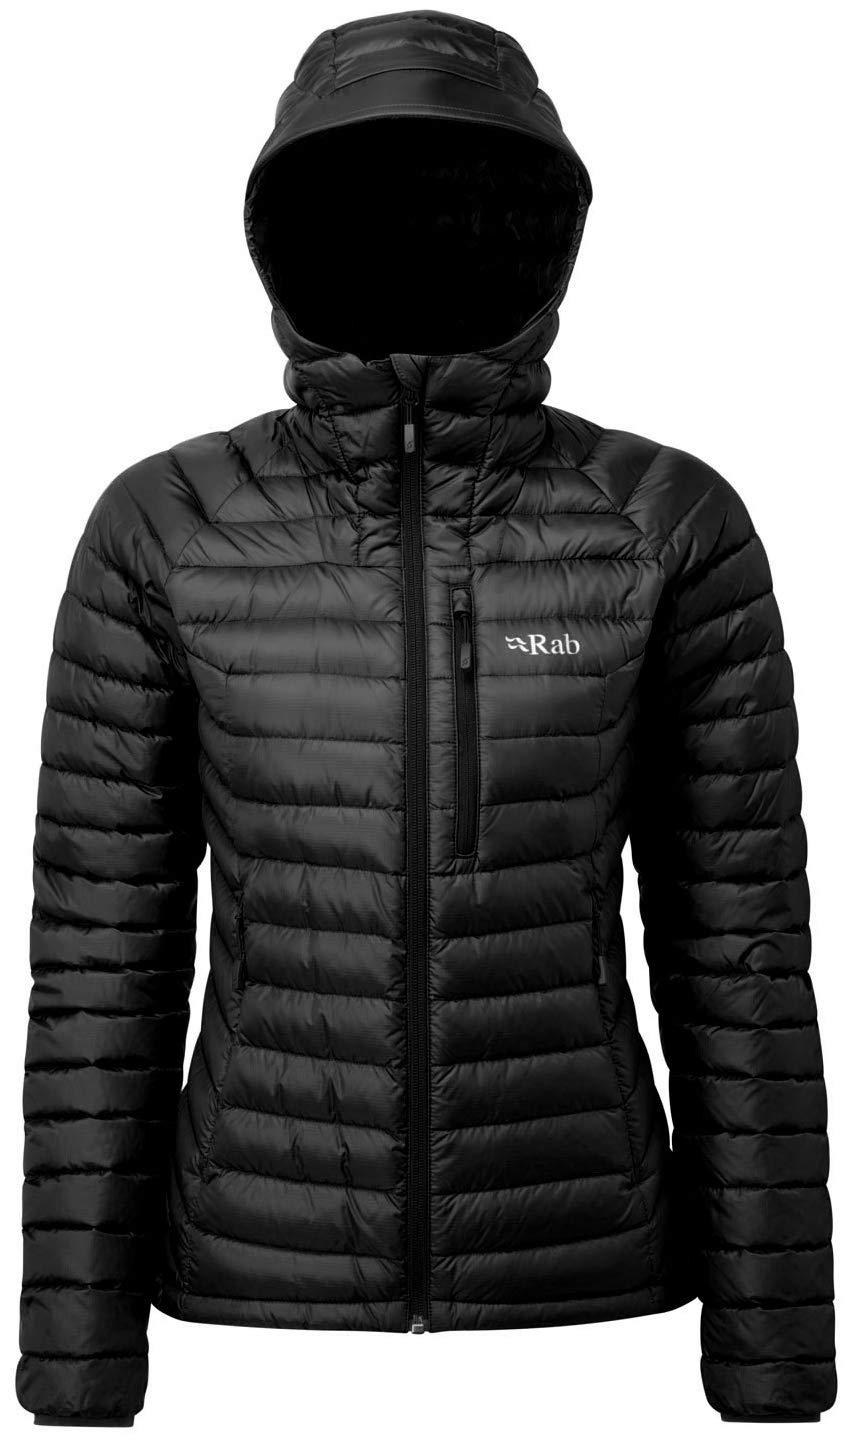 RAB Microlight Alpine Jacket Damen Black/Seaglass 2019 Funktionsjacke